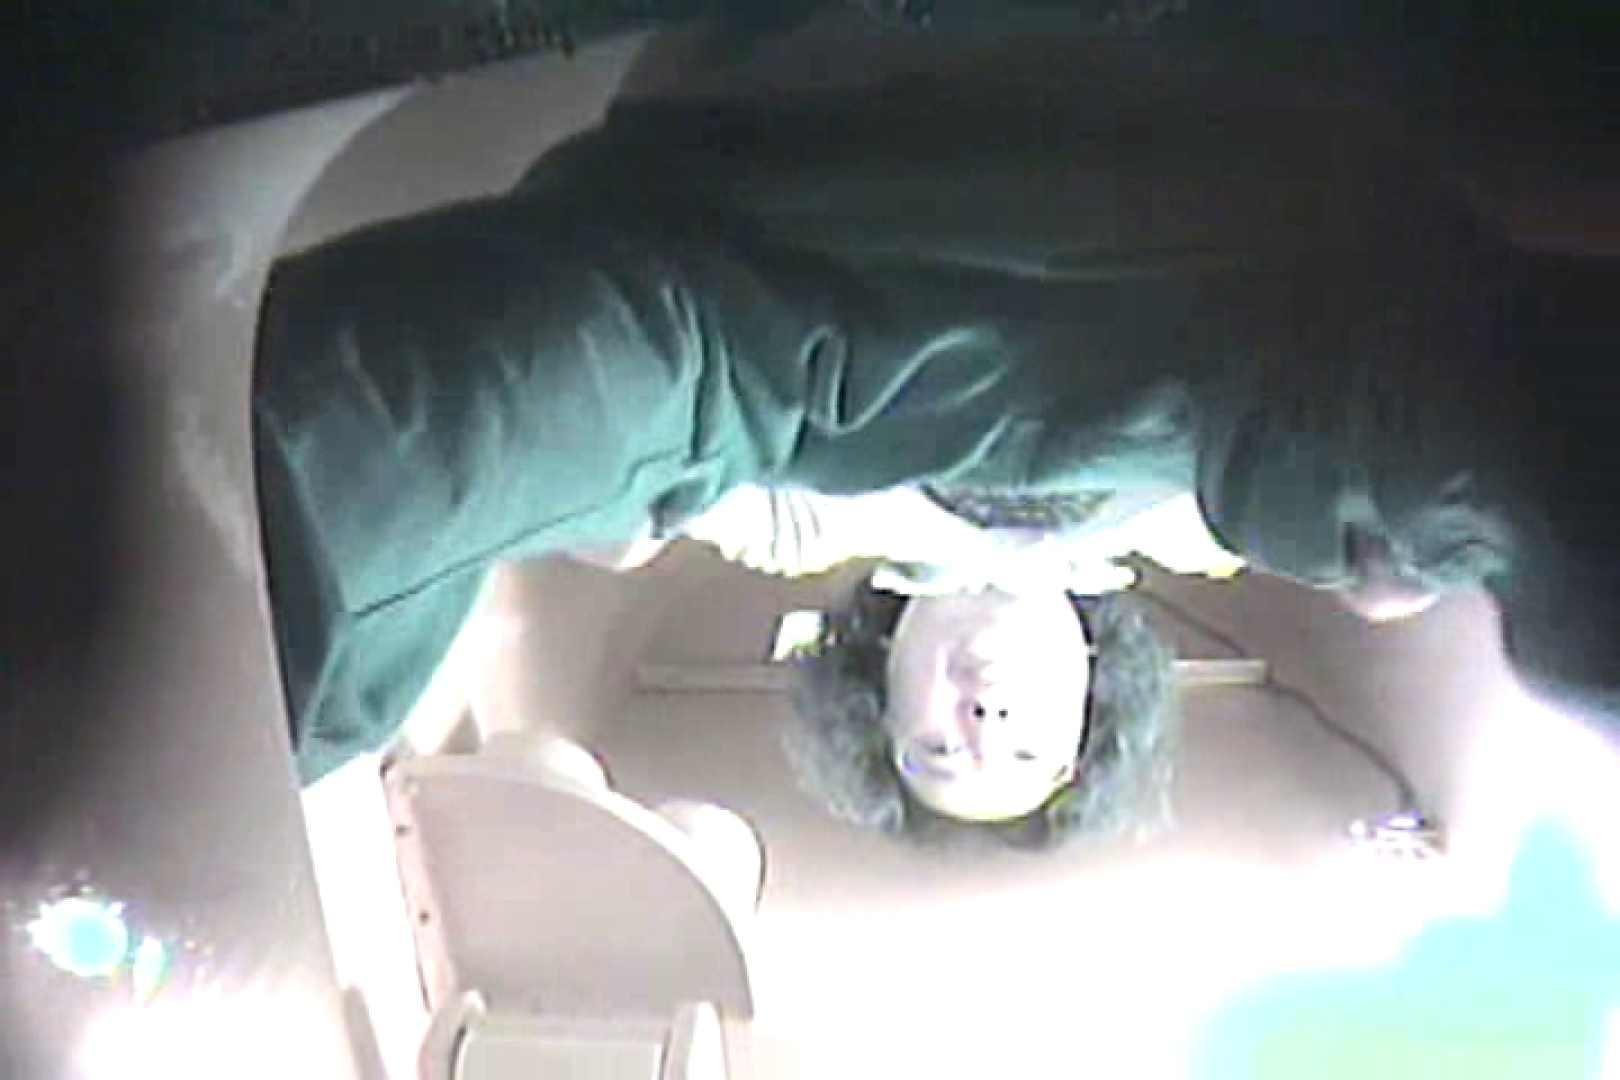 [お盆限定]和式洗面所汚物フレフレ100連発 Vol.1 独占盗撮 盗み撮り動画キャプチャ 52連発 27